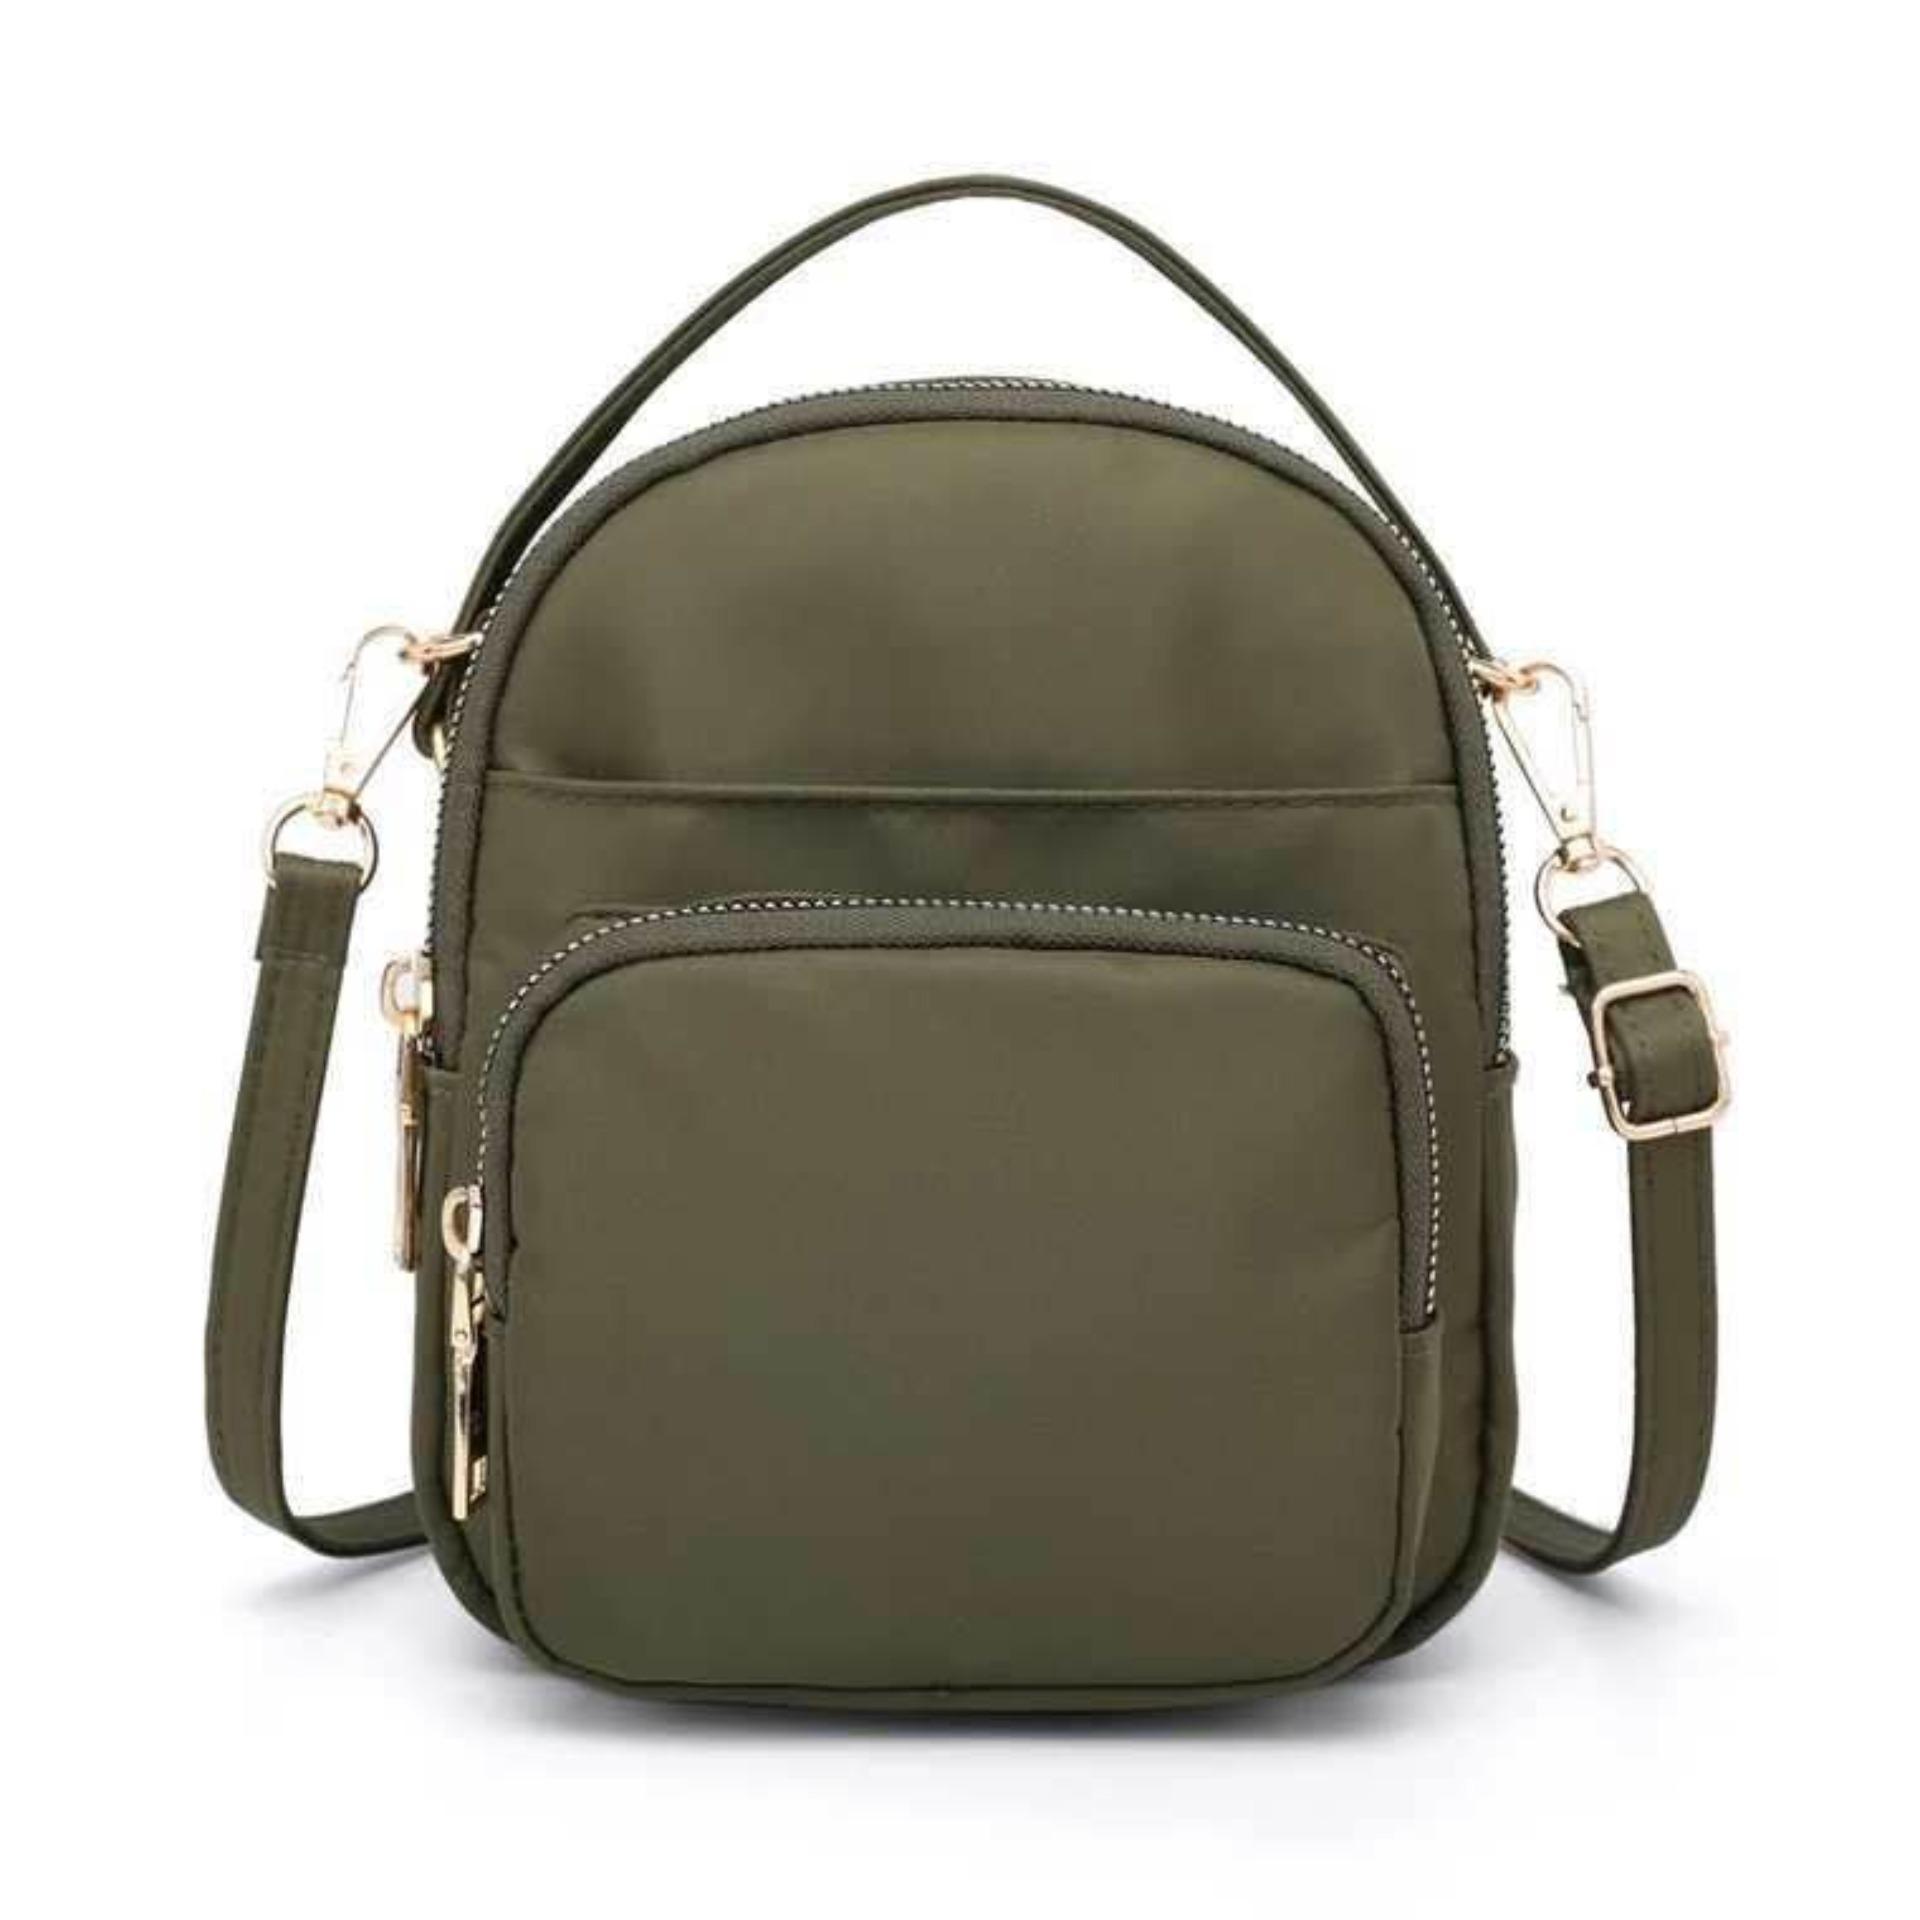 00efeb7e730 Ella Fashion  495 Waterproof nylon bag ladies small square bag mobile phone  handbag Sling Bag